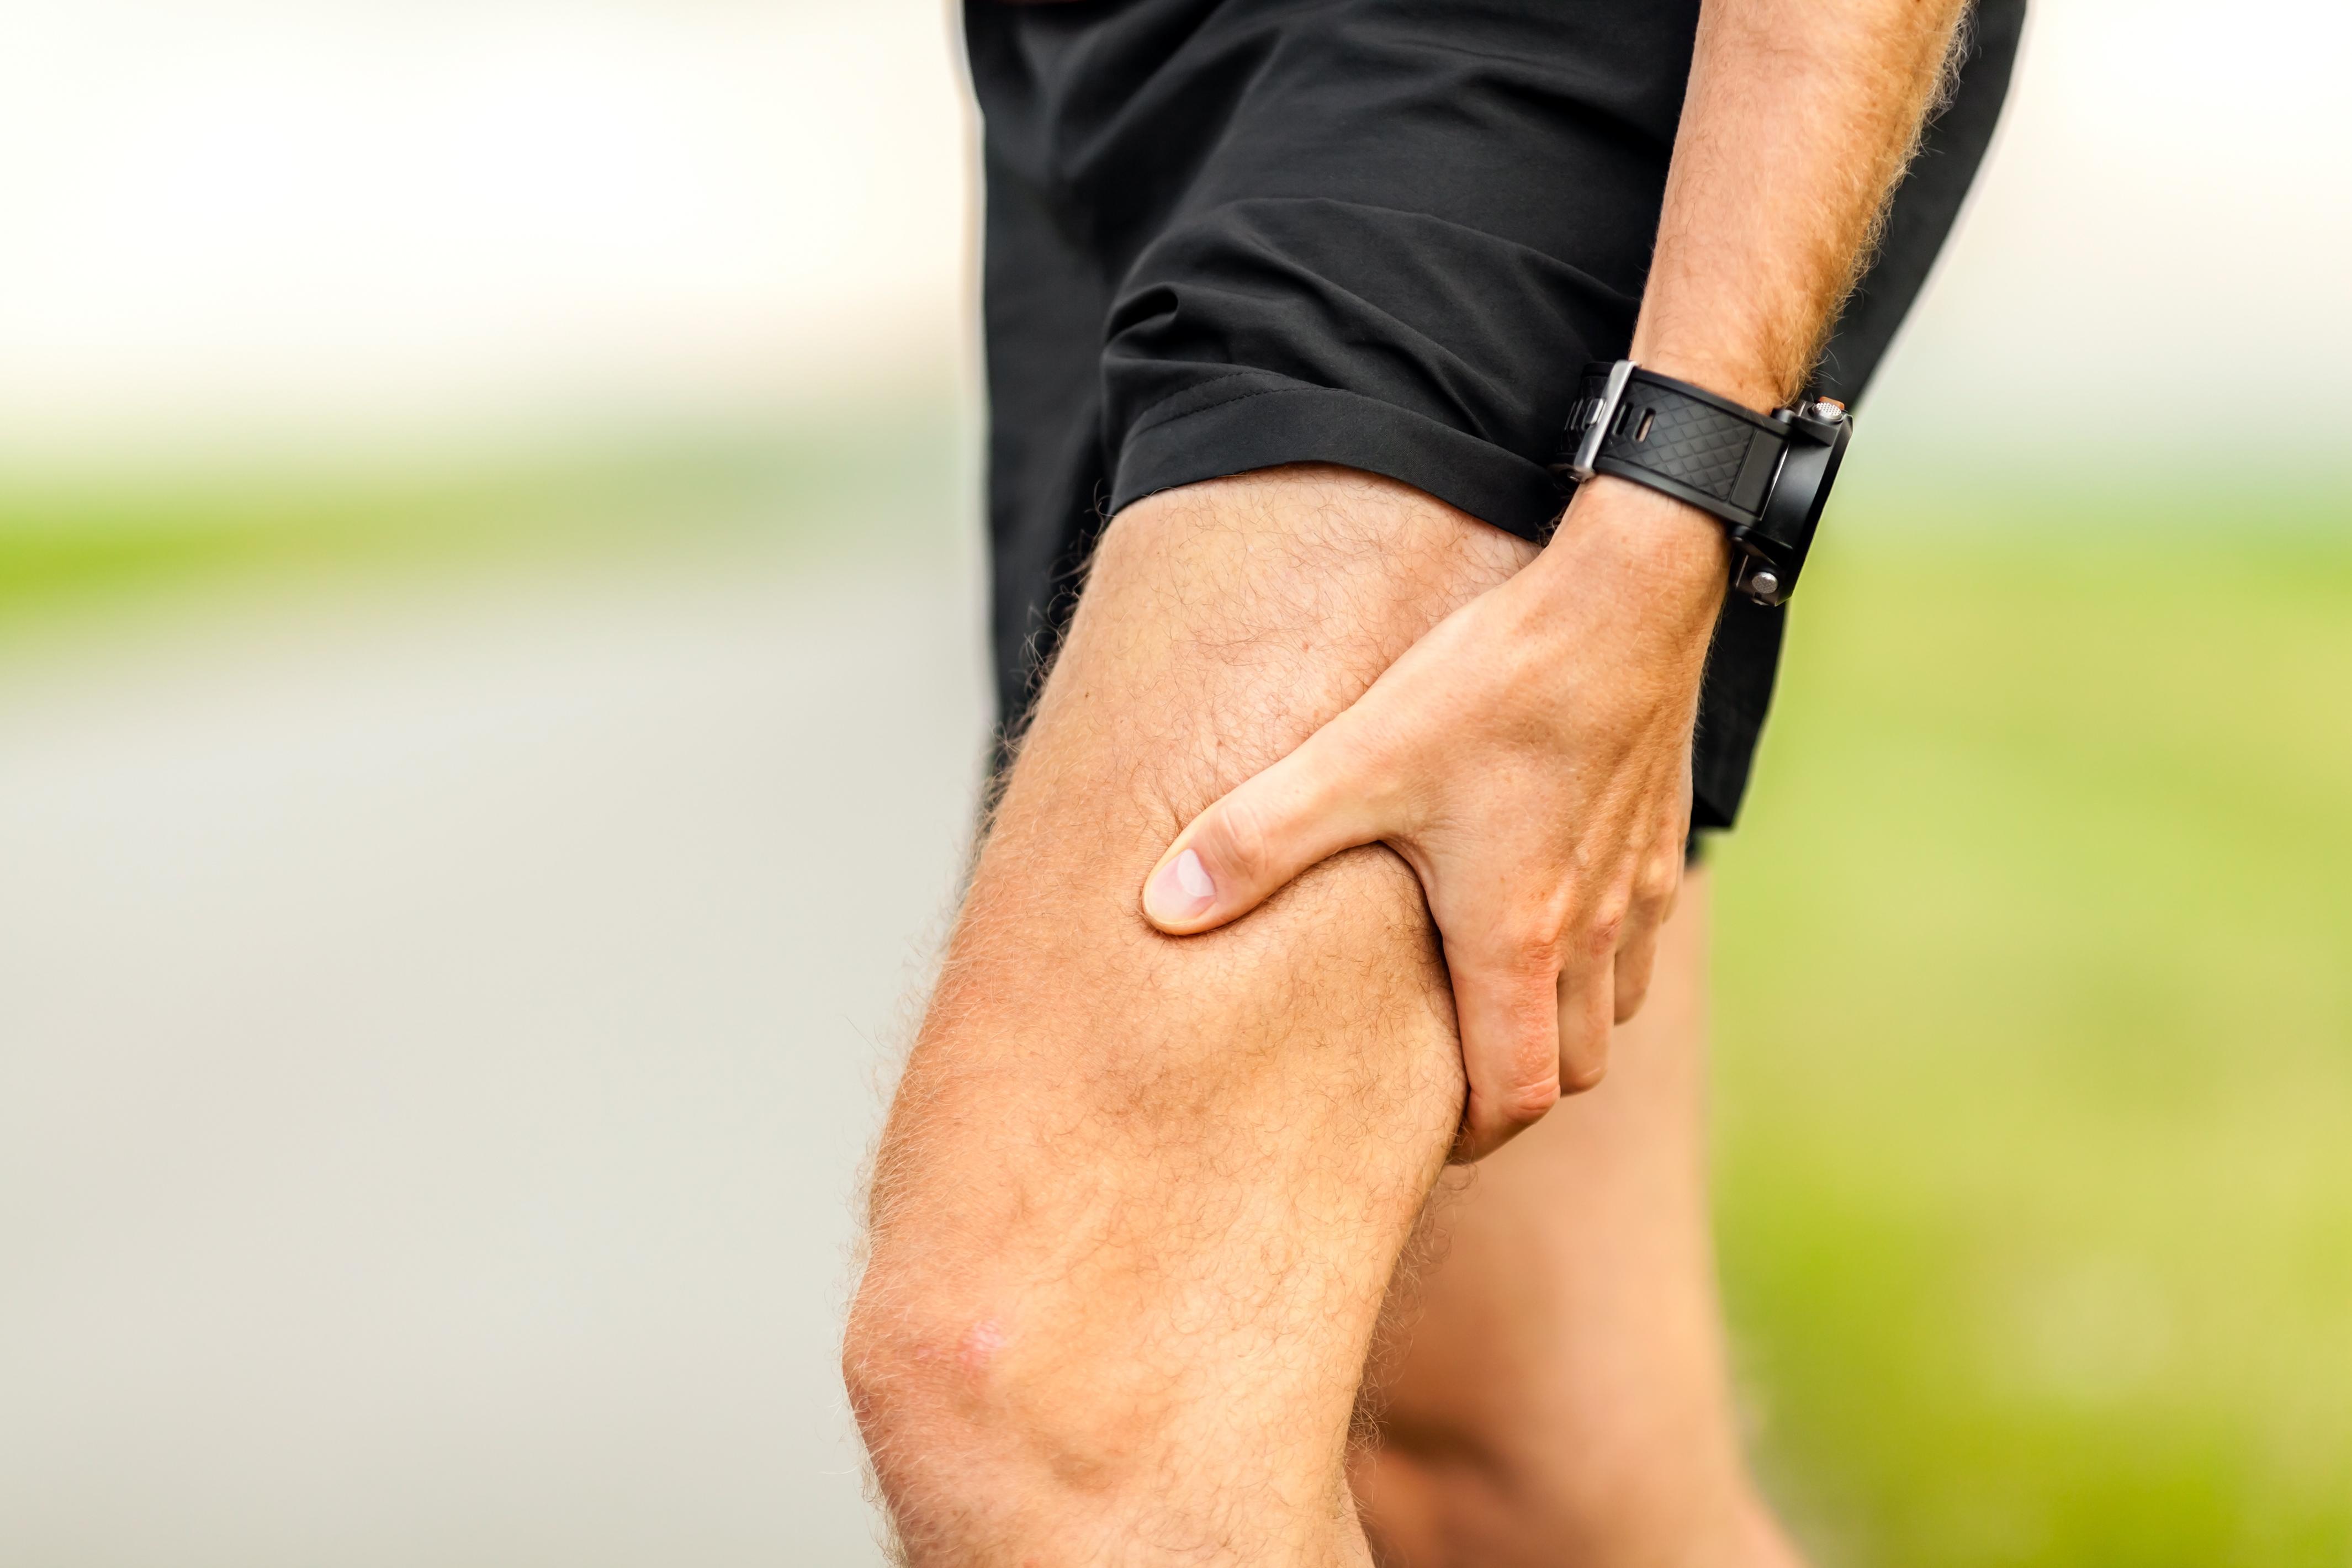 痛 原因 筋肉 ふくらはぎ